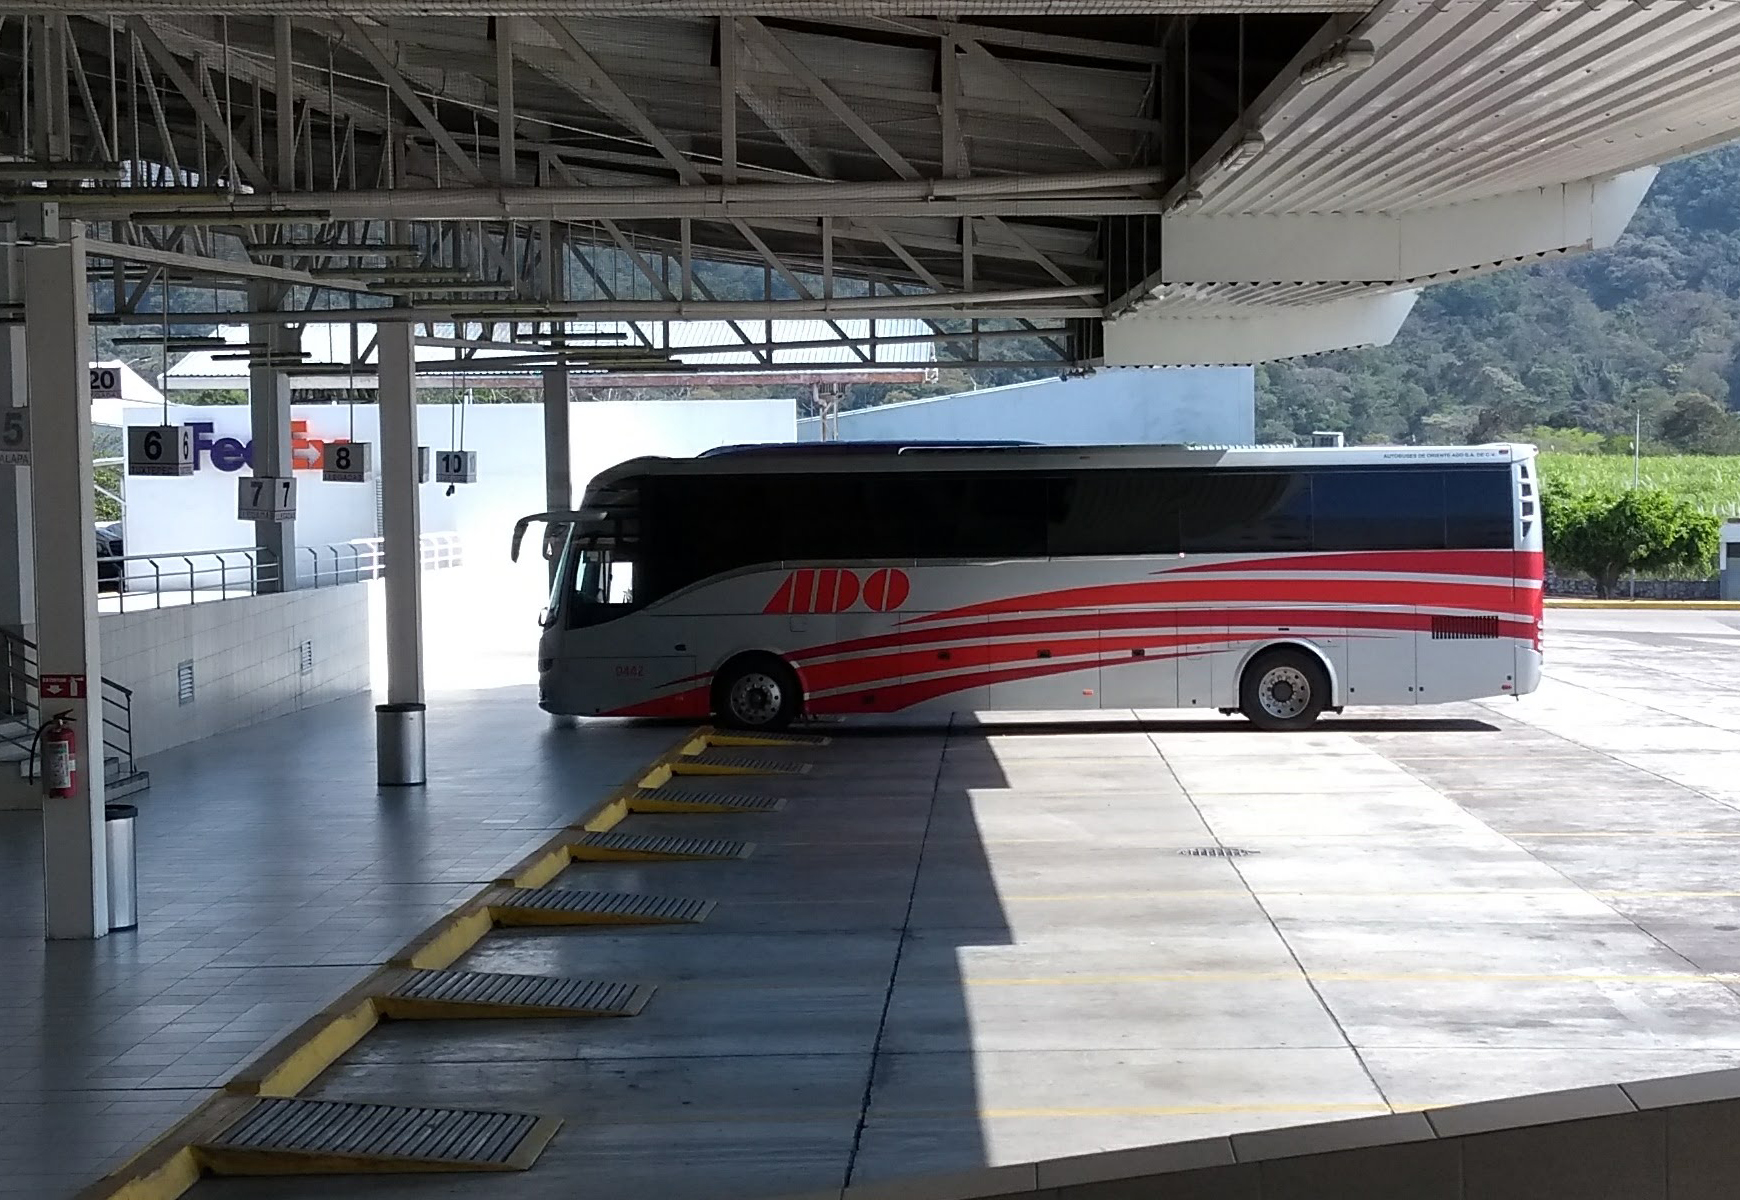 Autobuses De Oriente Wikipedia La Enciclopedia Libre